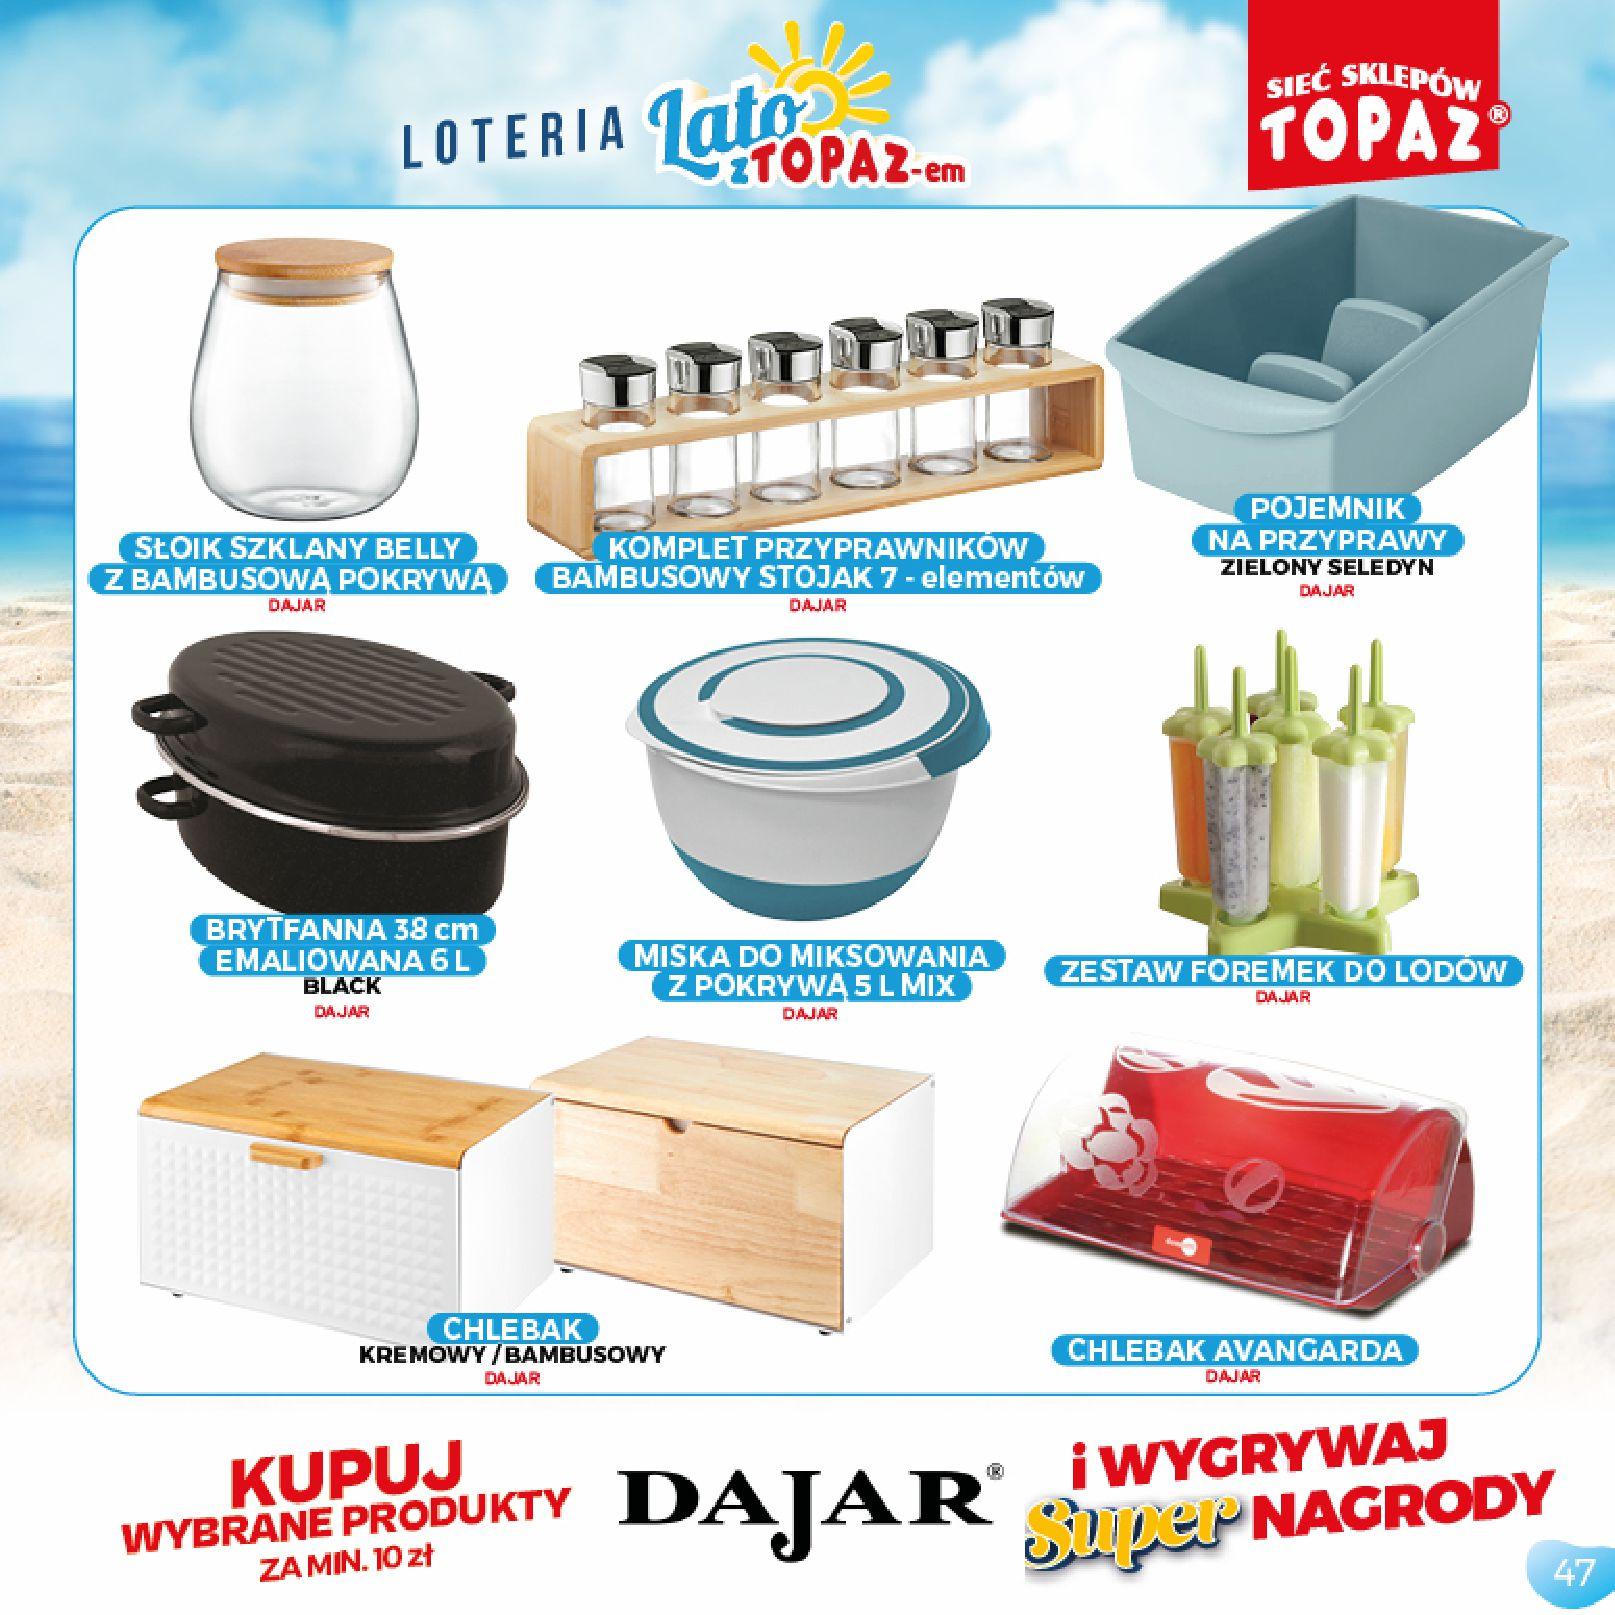 Gazetka TOPAZ: Gazetka TOPAZ - Loteria 2021-07-05 page-47